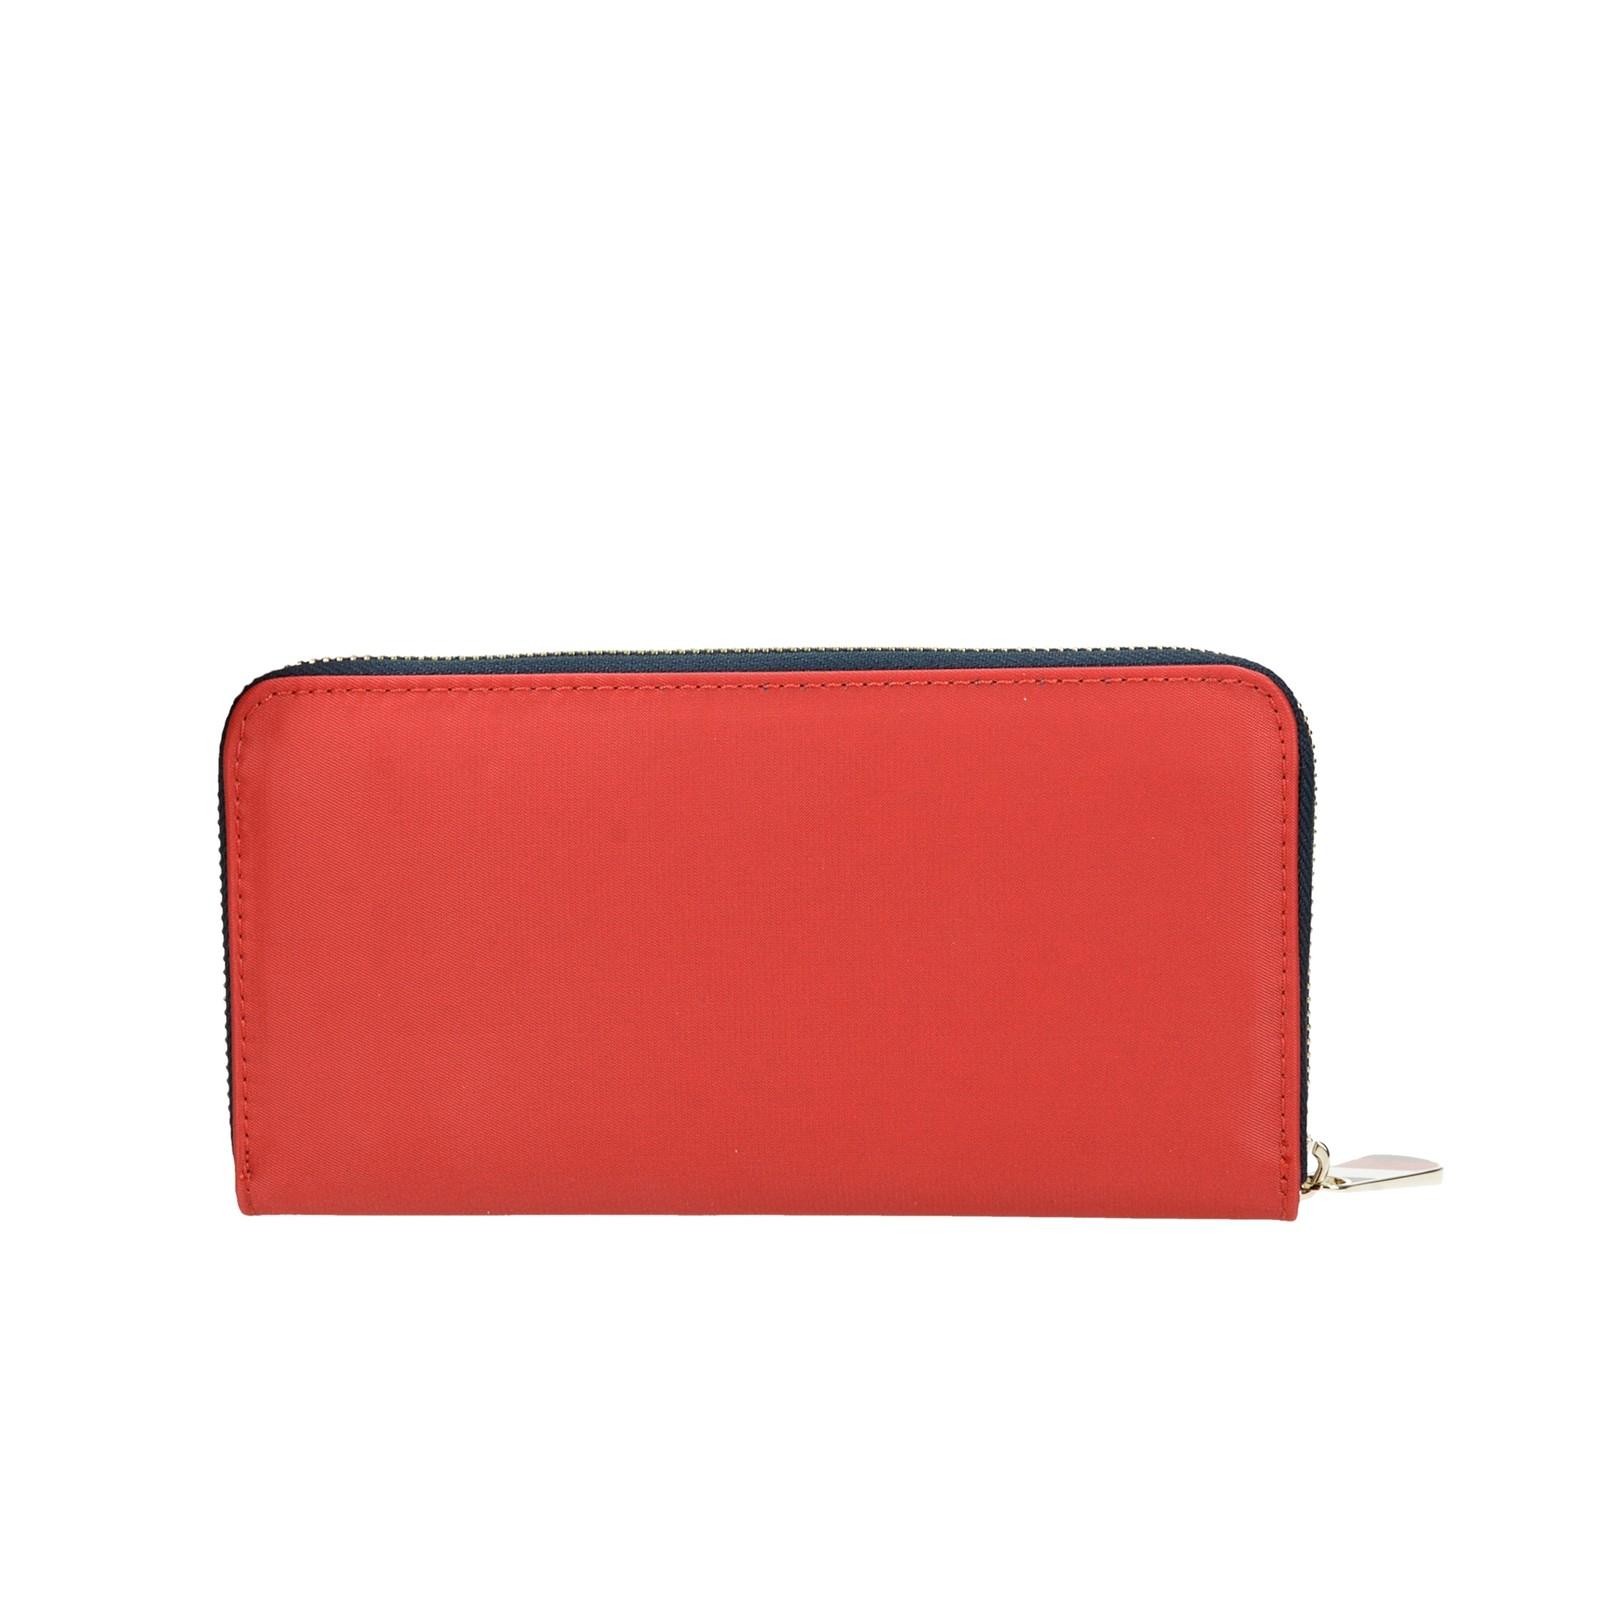 Tommy Hilfiger dámska štýlová peňaženka - červená